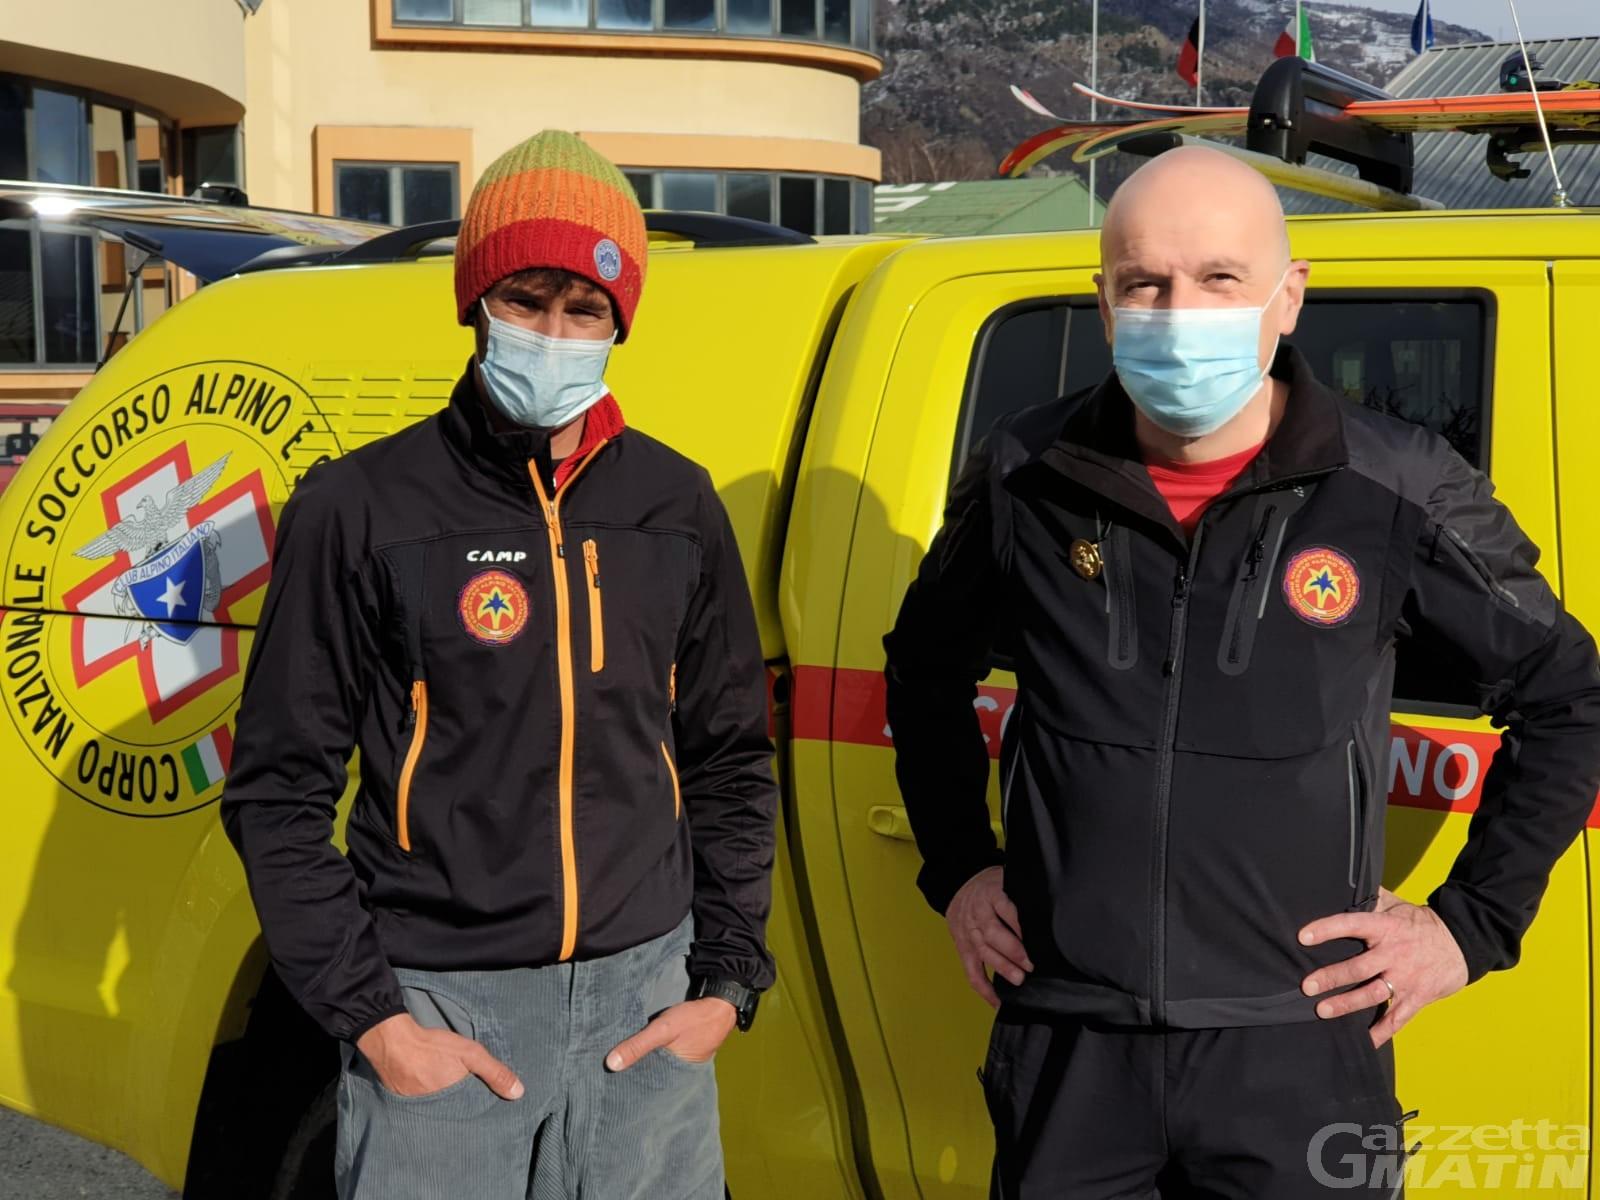 Valanga in Abruzzo, dalla Valle d'Aosta due unità cinofile per le ricerche e un elicottero per la bonifica